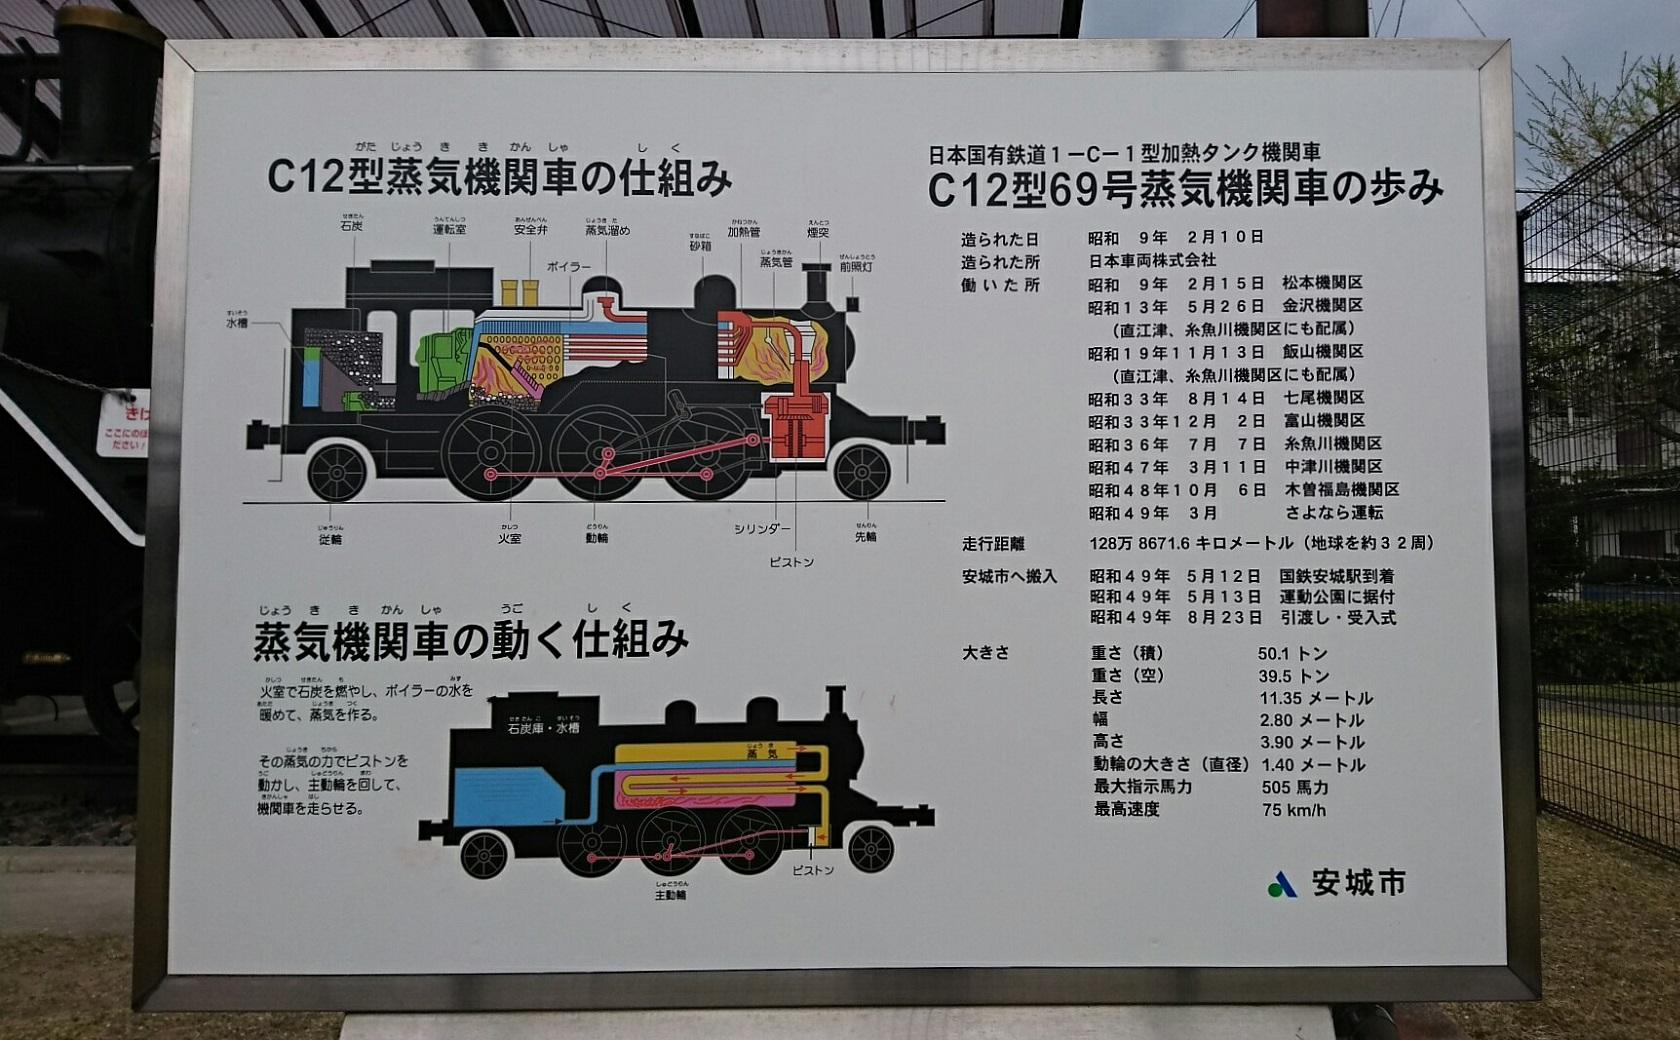 2019.3.28 (8) あんじょうし - 蒸気機関車C12-69「説明がき」 1680-1040